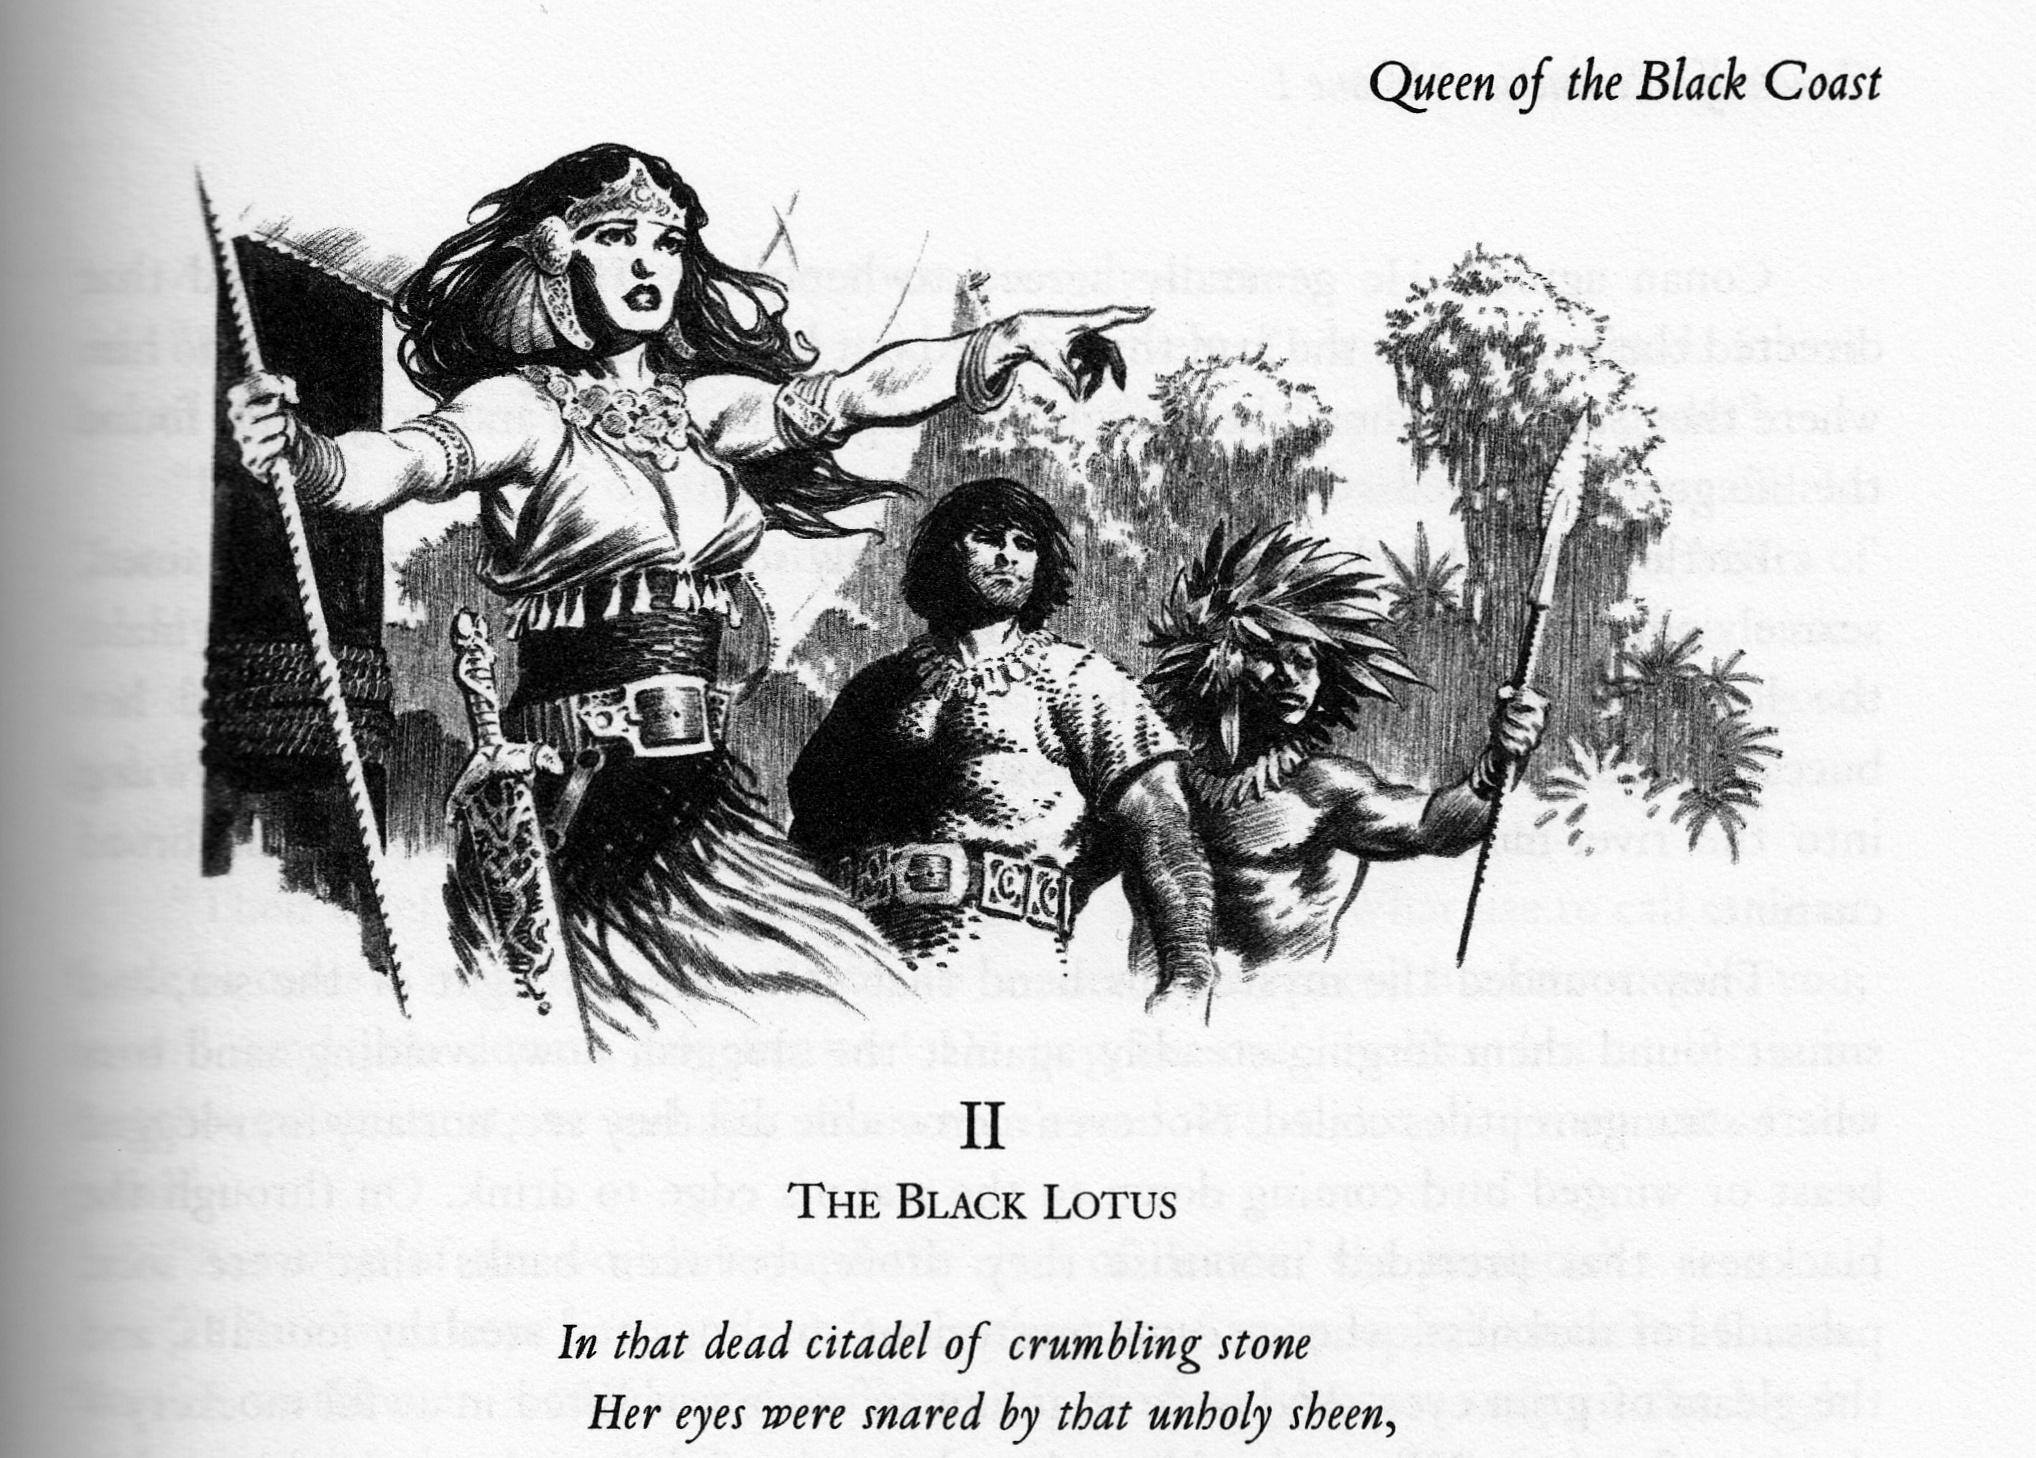 conan-belit-queen-of-black-coast-schultz_0003-cropped